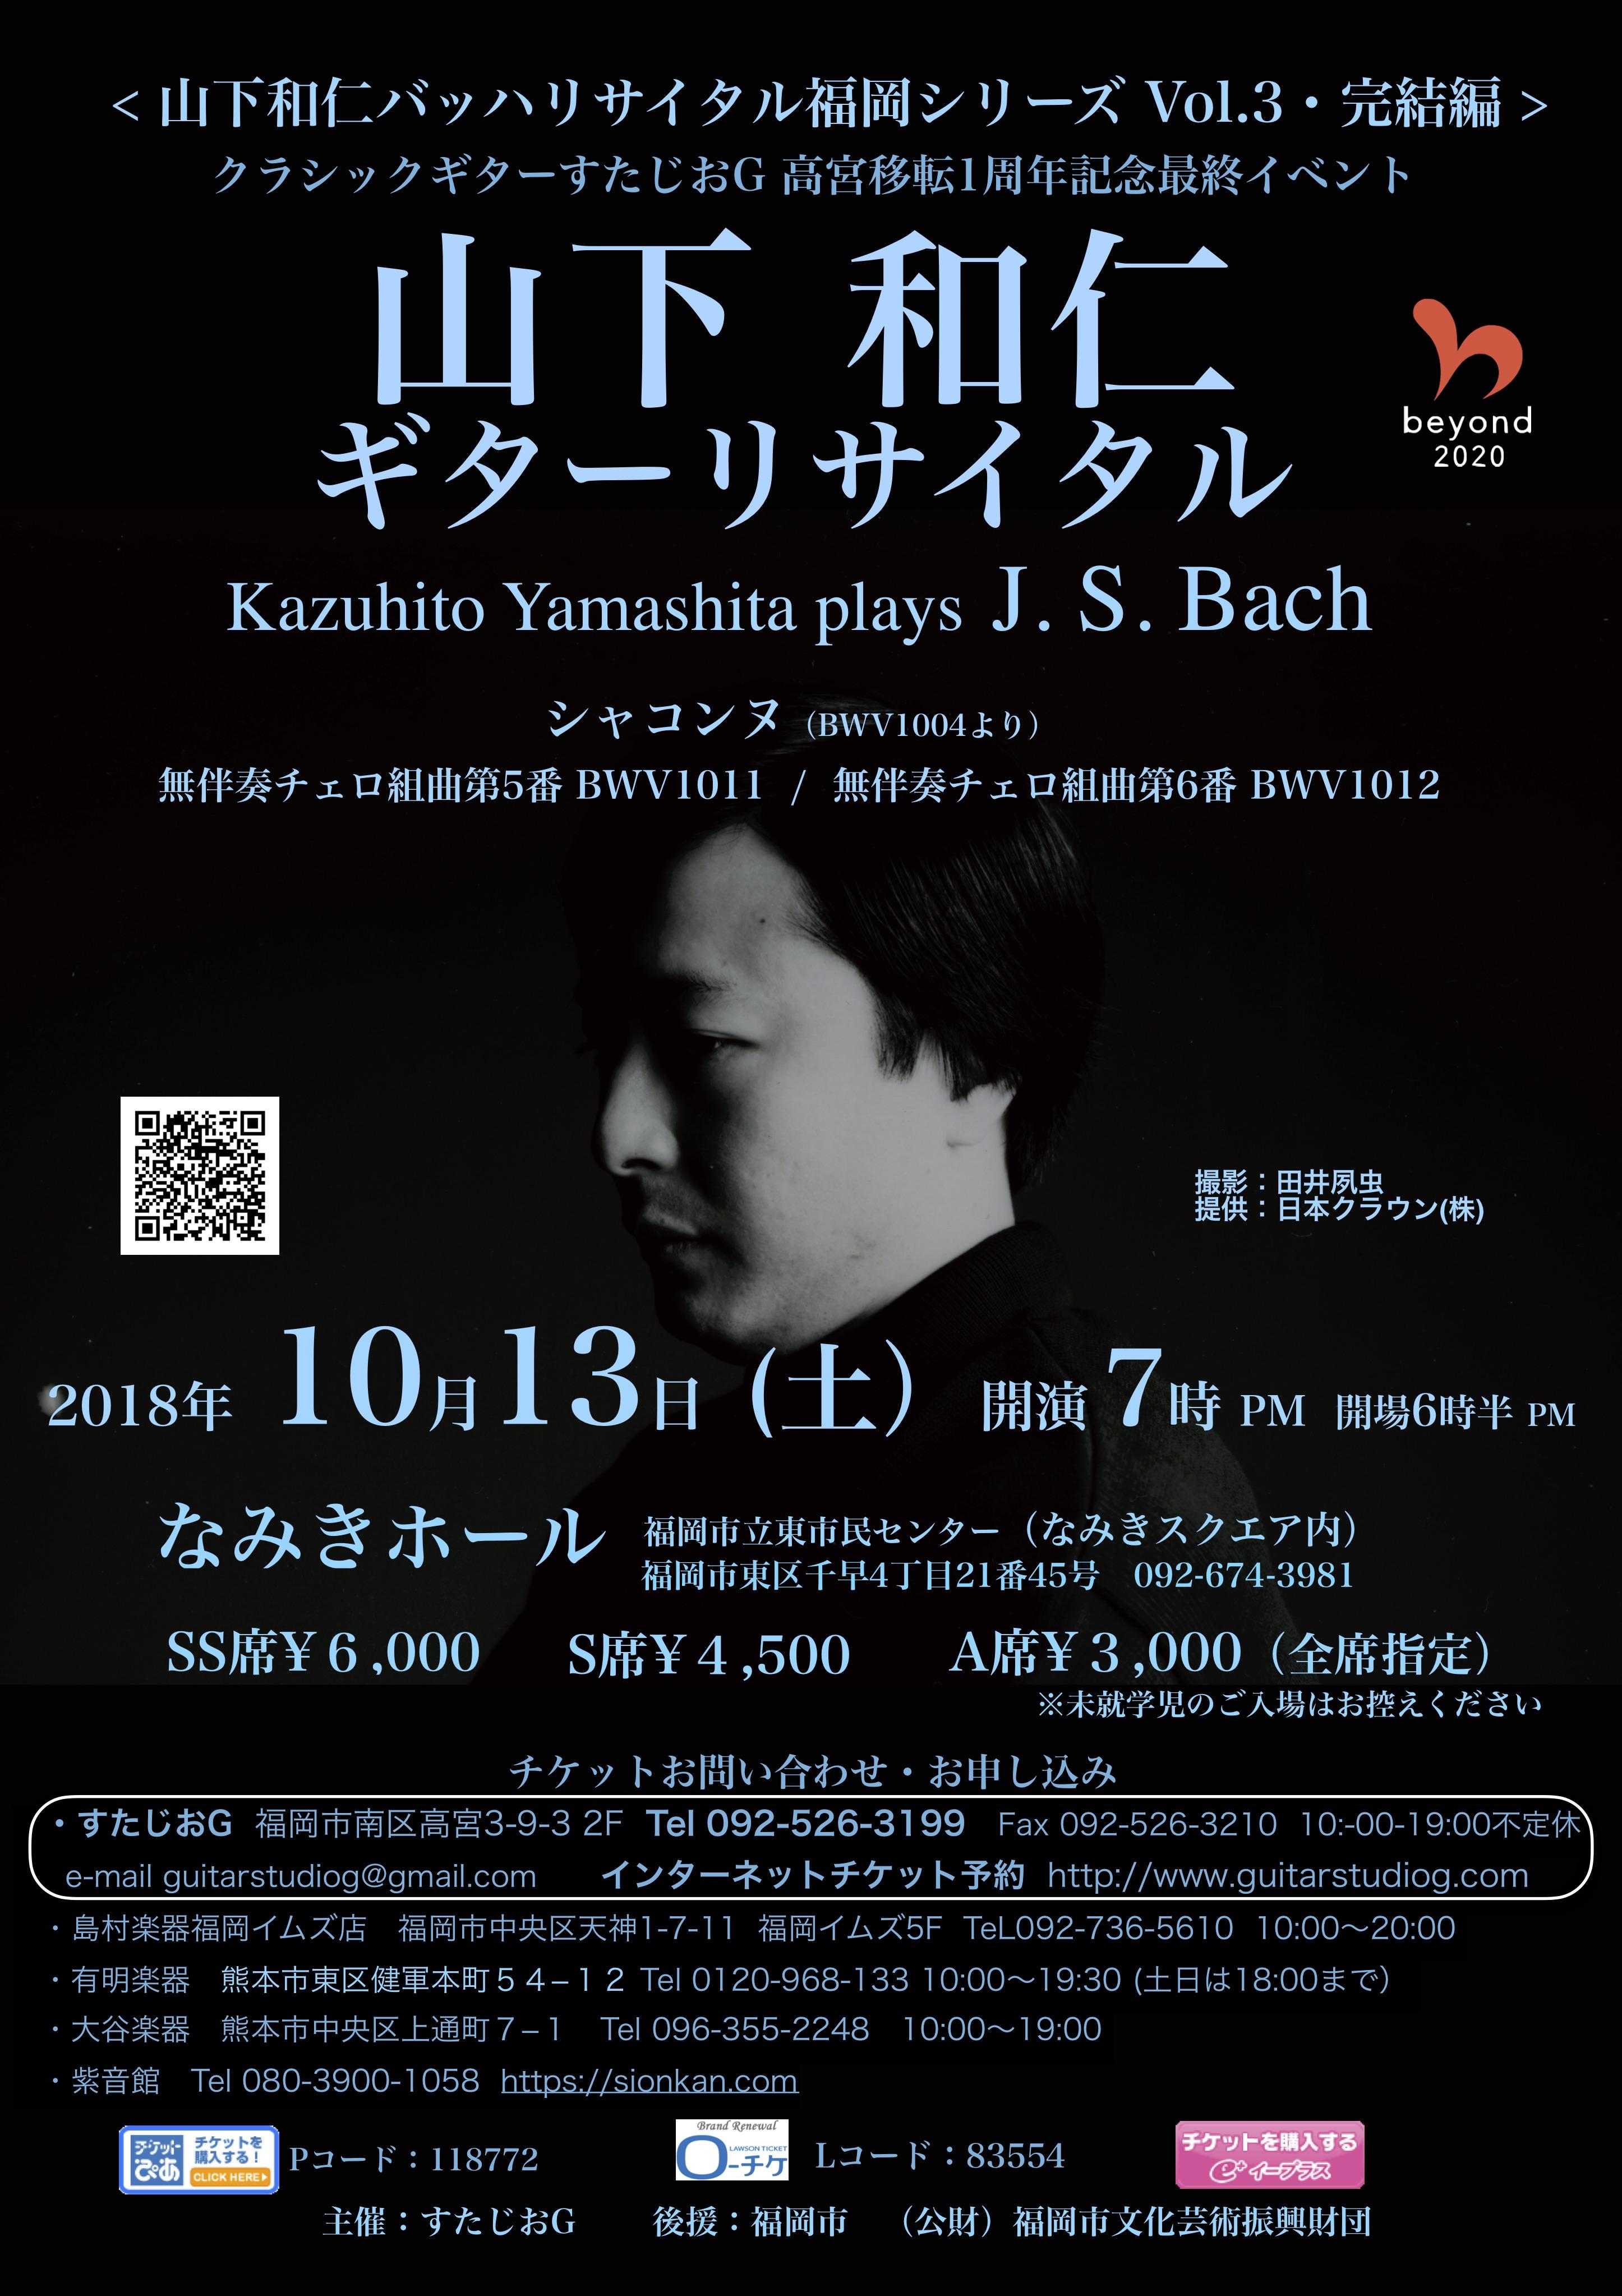 Yamashita Kazuhito bach recital fukuoka series vol.3